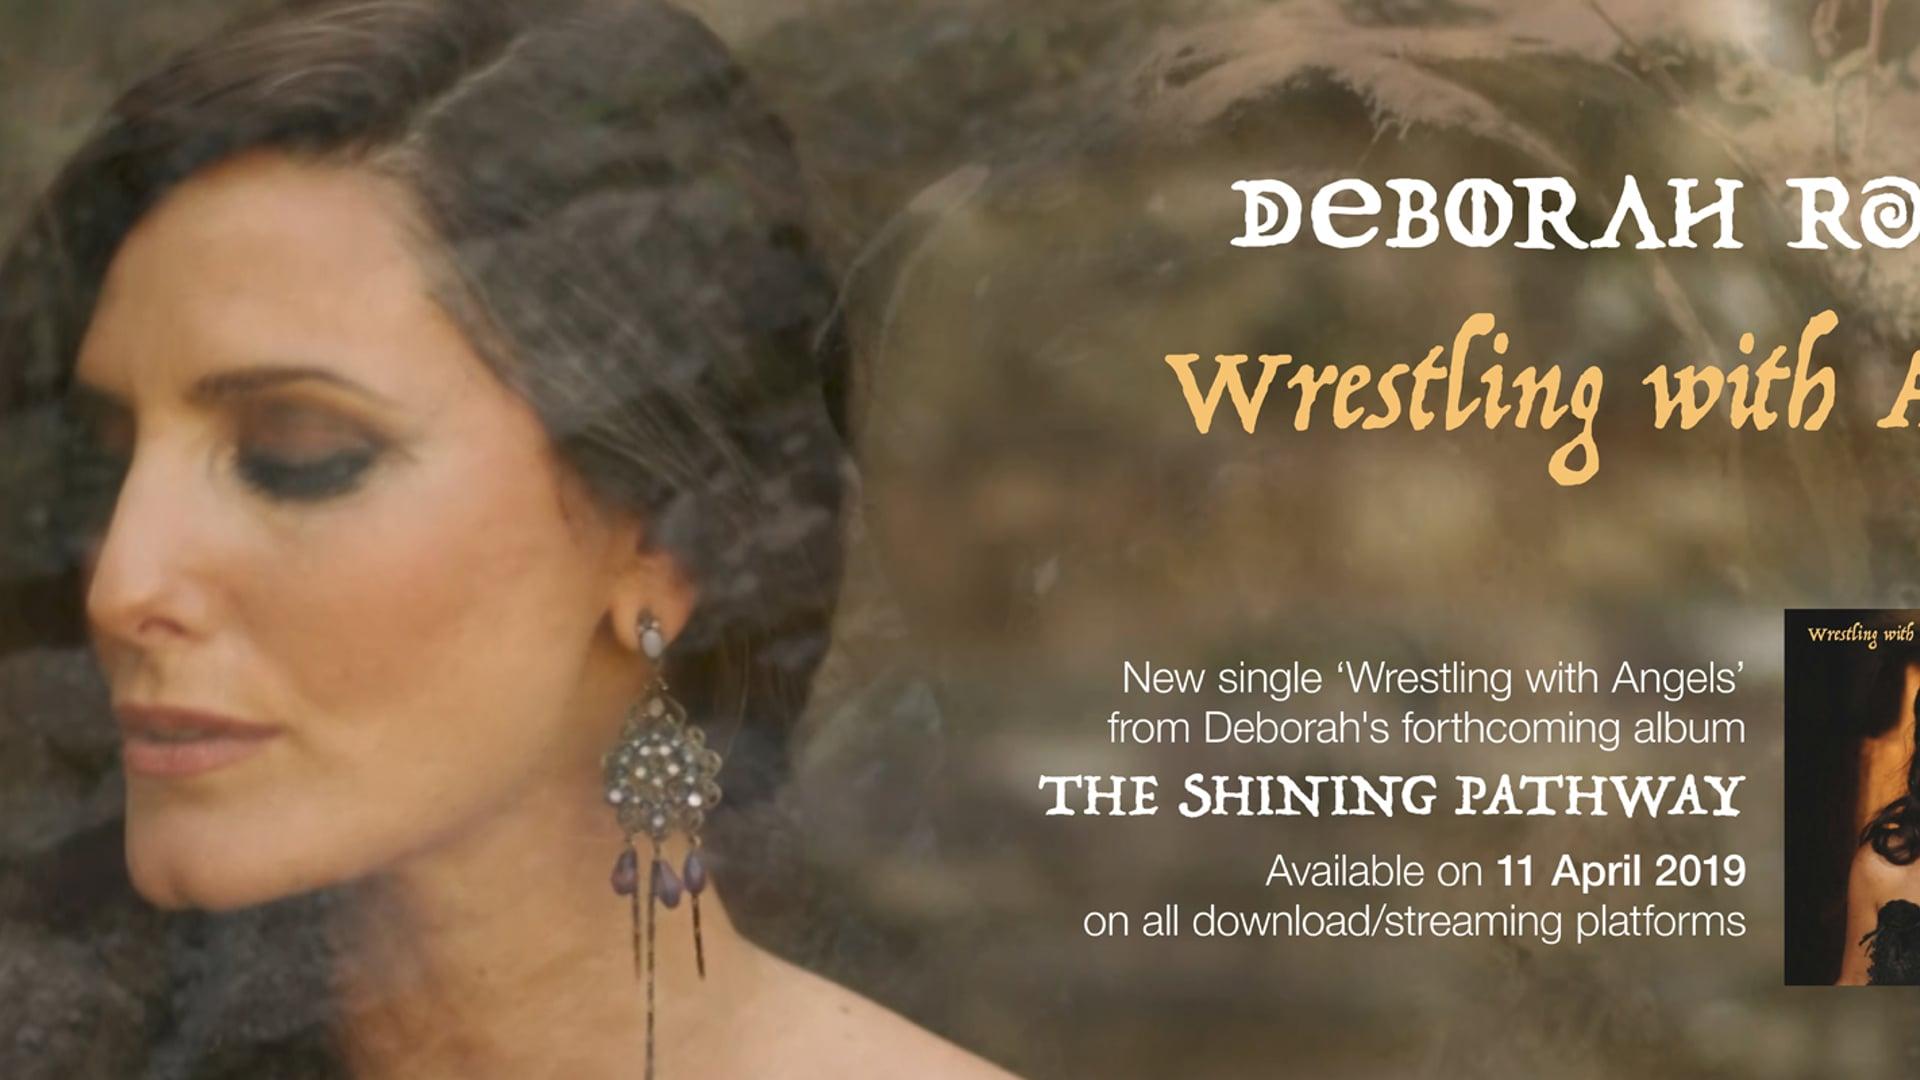 Wrestling with Angels - Deborah Rose Music Video